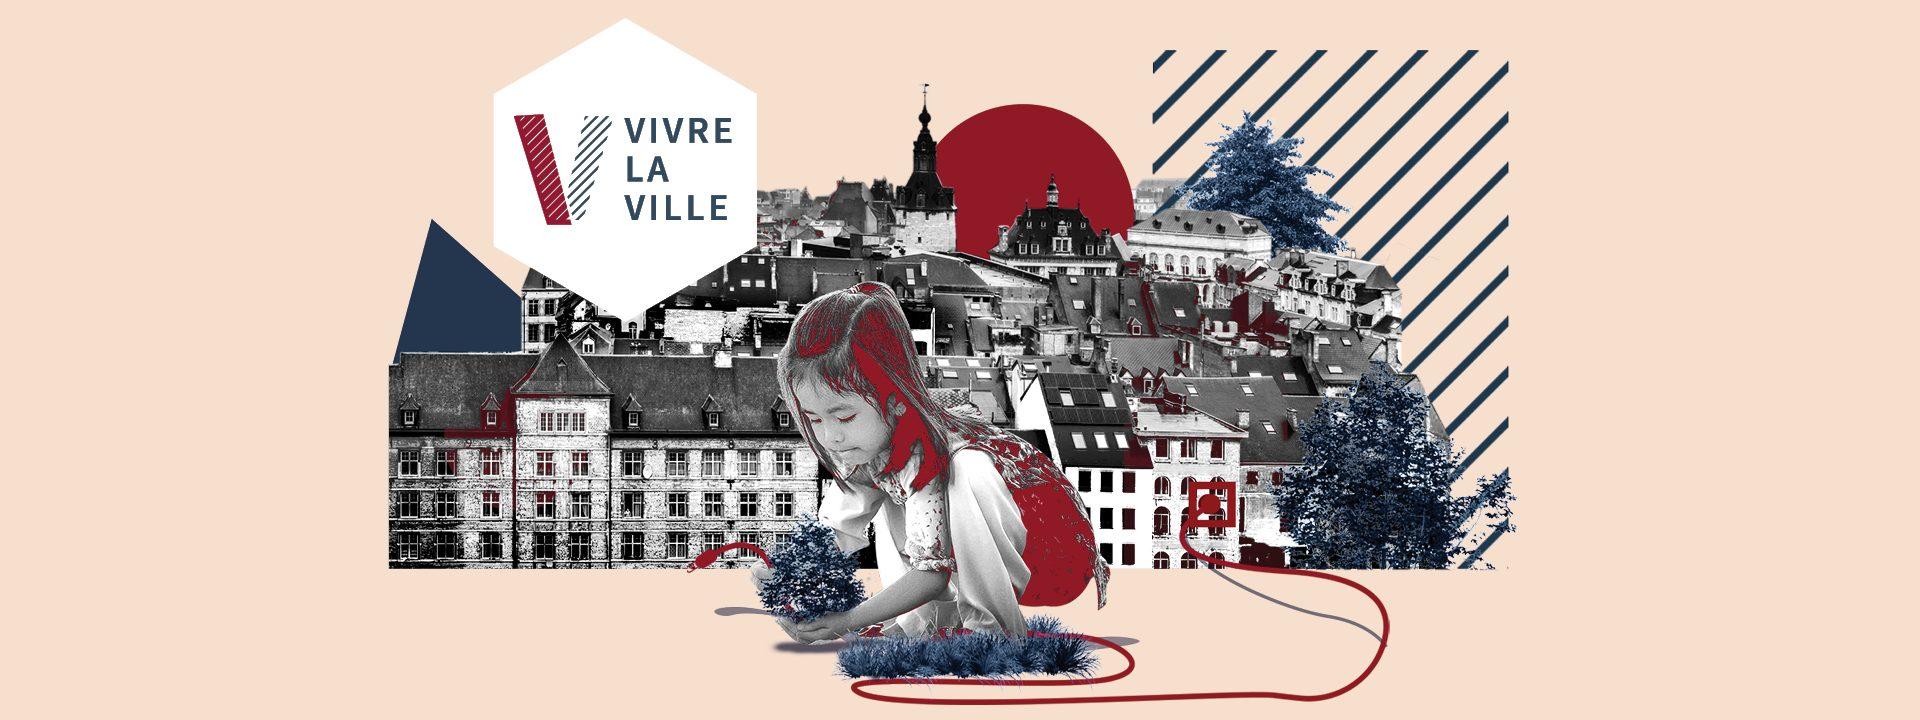 Banner_vivre_la_ville_2020